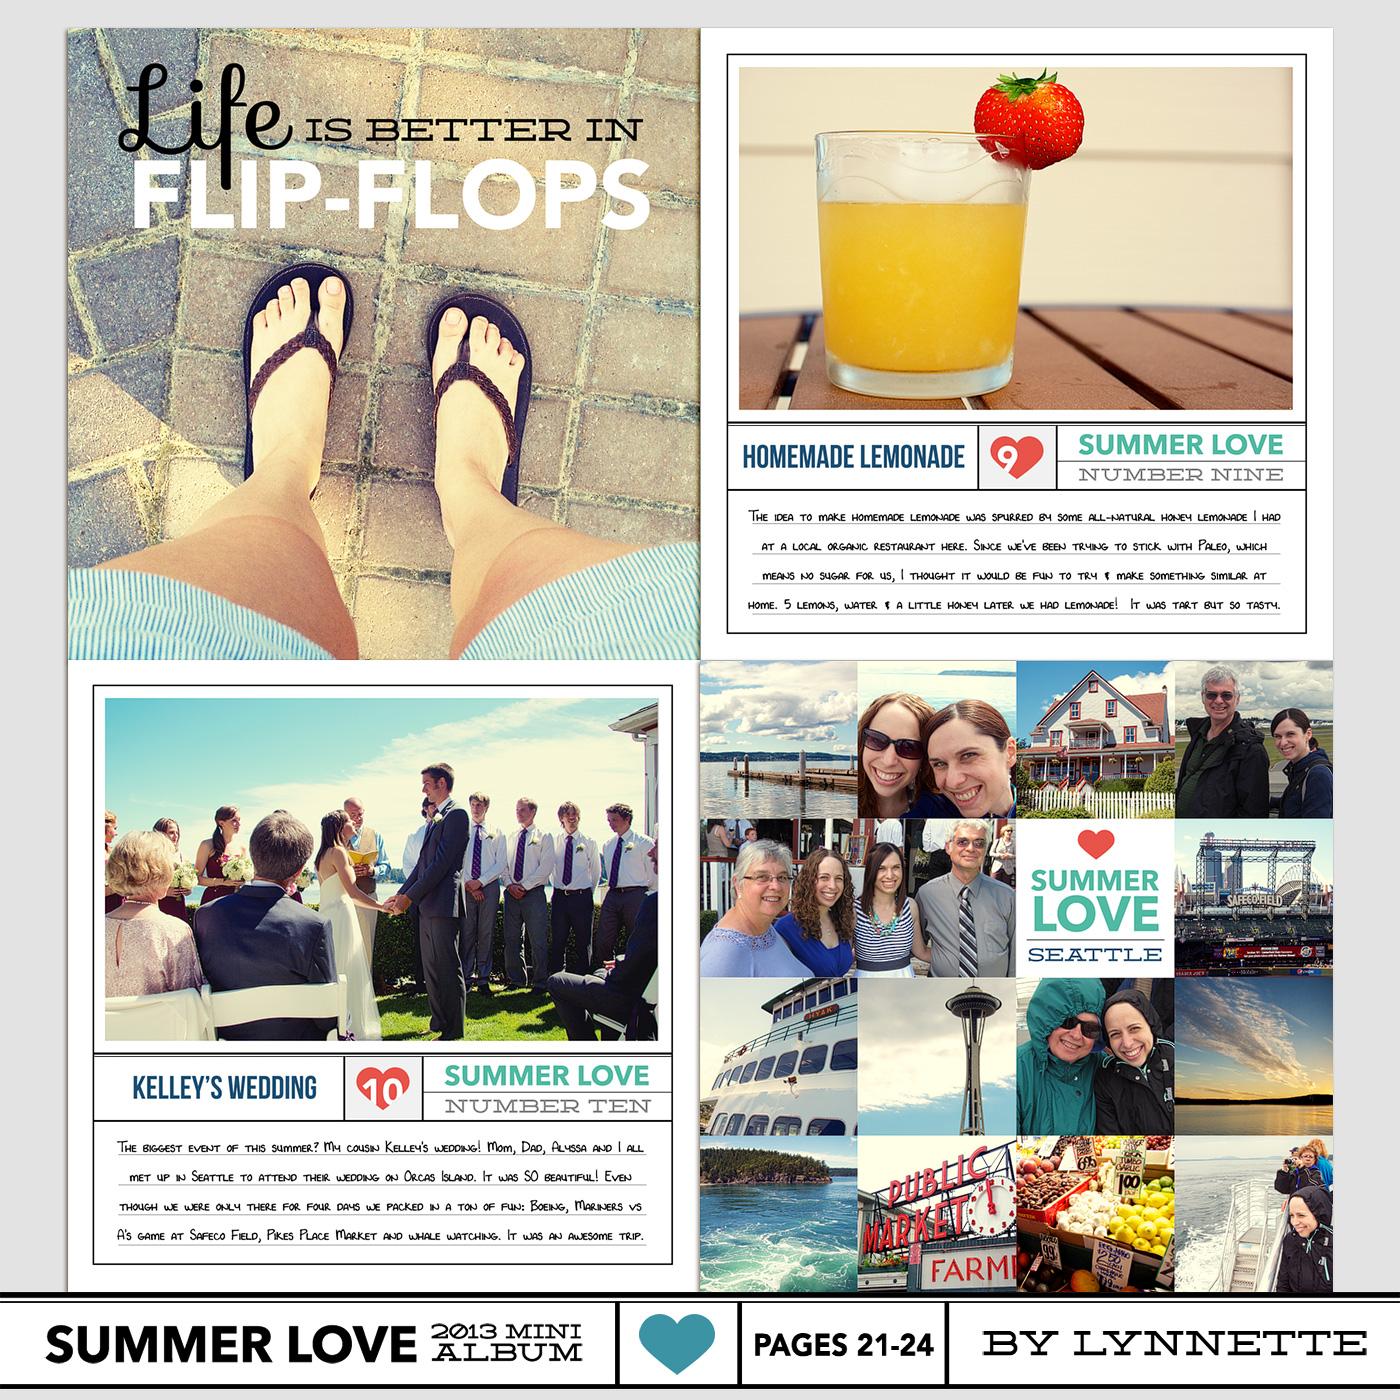 nettiodesigns_SummerLove-pg21-24-Lynnette-1400